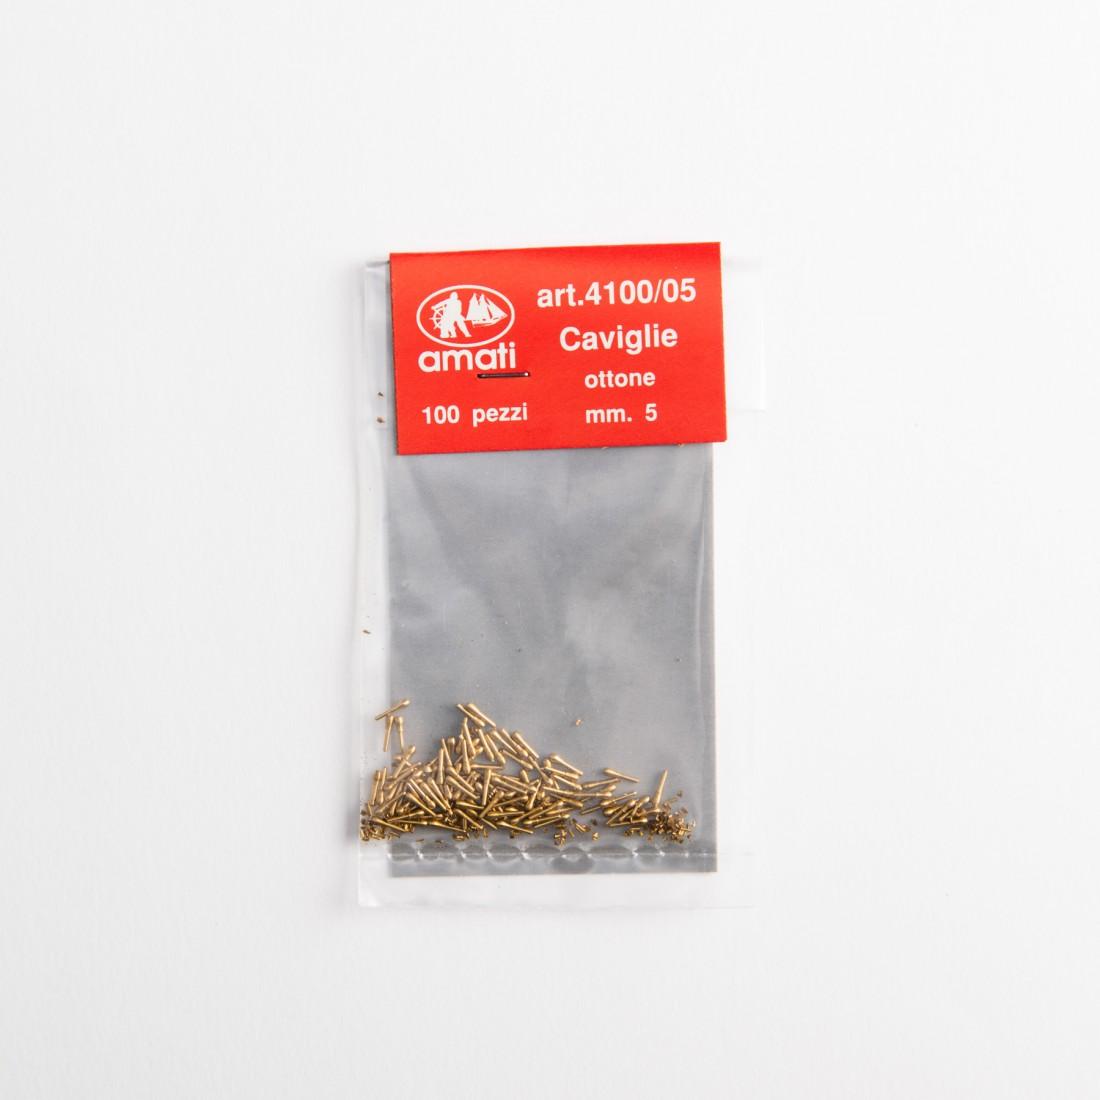 Cabillots laiton mm.5